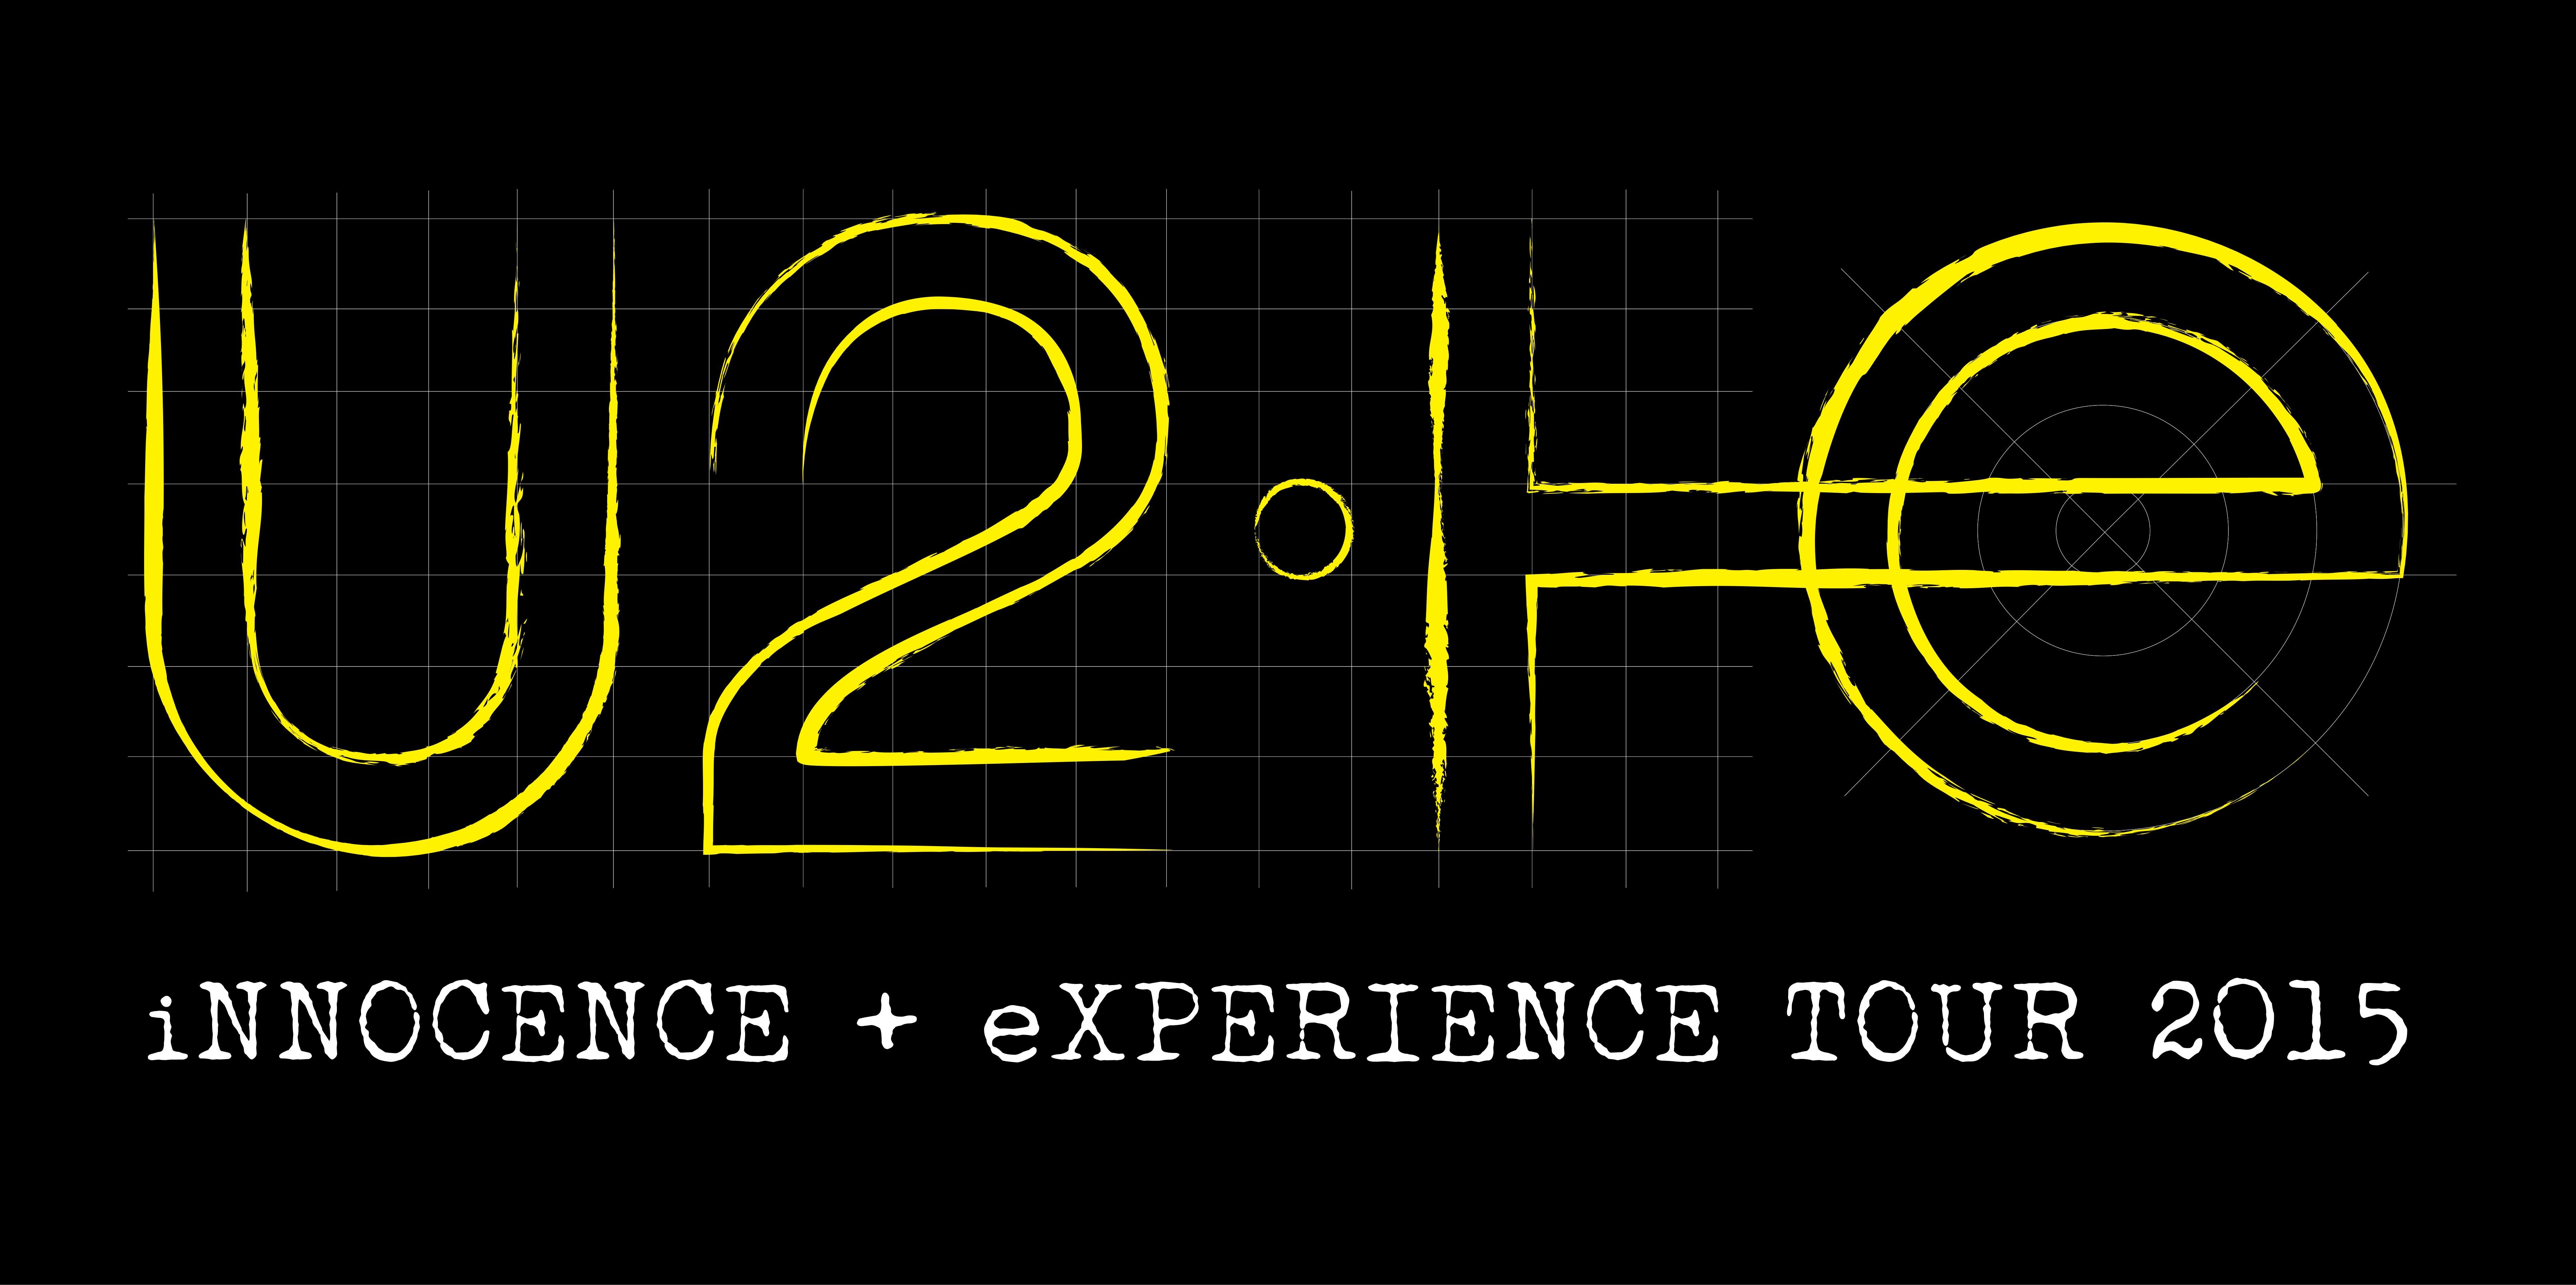 Concours : gagnez vos places pour voir U2 à Bercy !